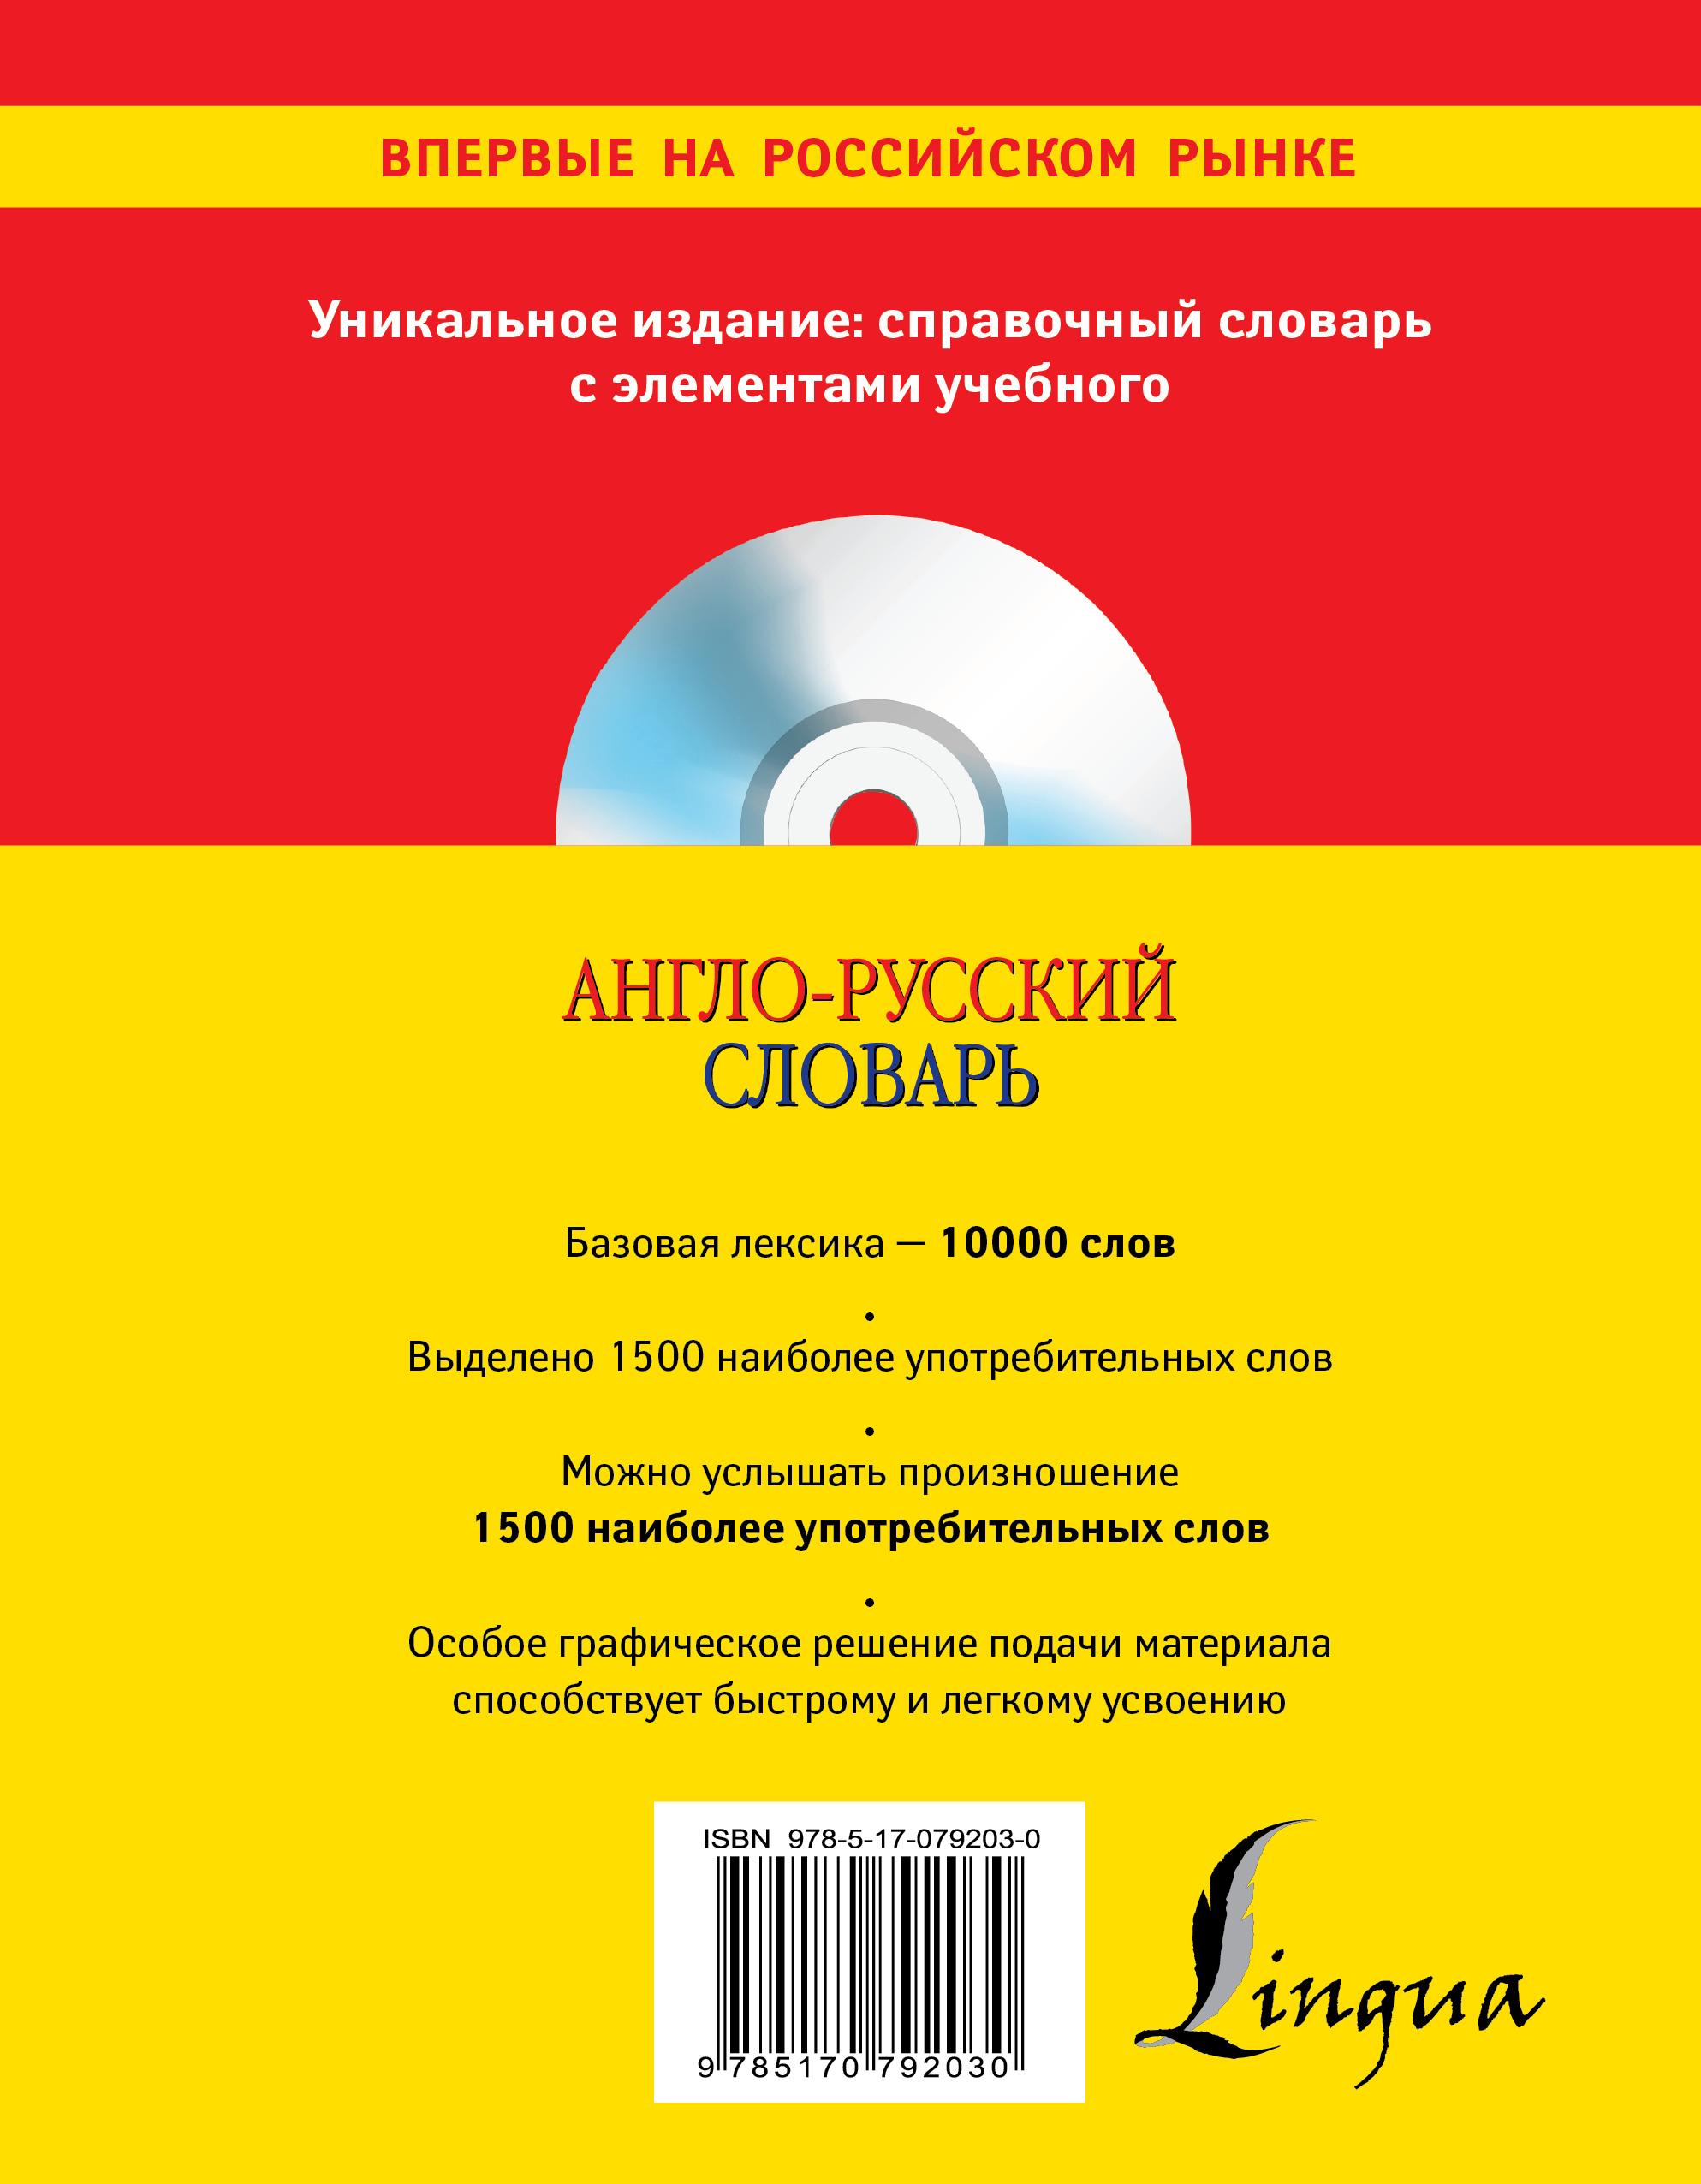 Англо-русский словарь. 3 в одном. Справочный, учебный, аудиословарь (+ CD-ROM)